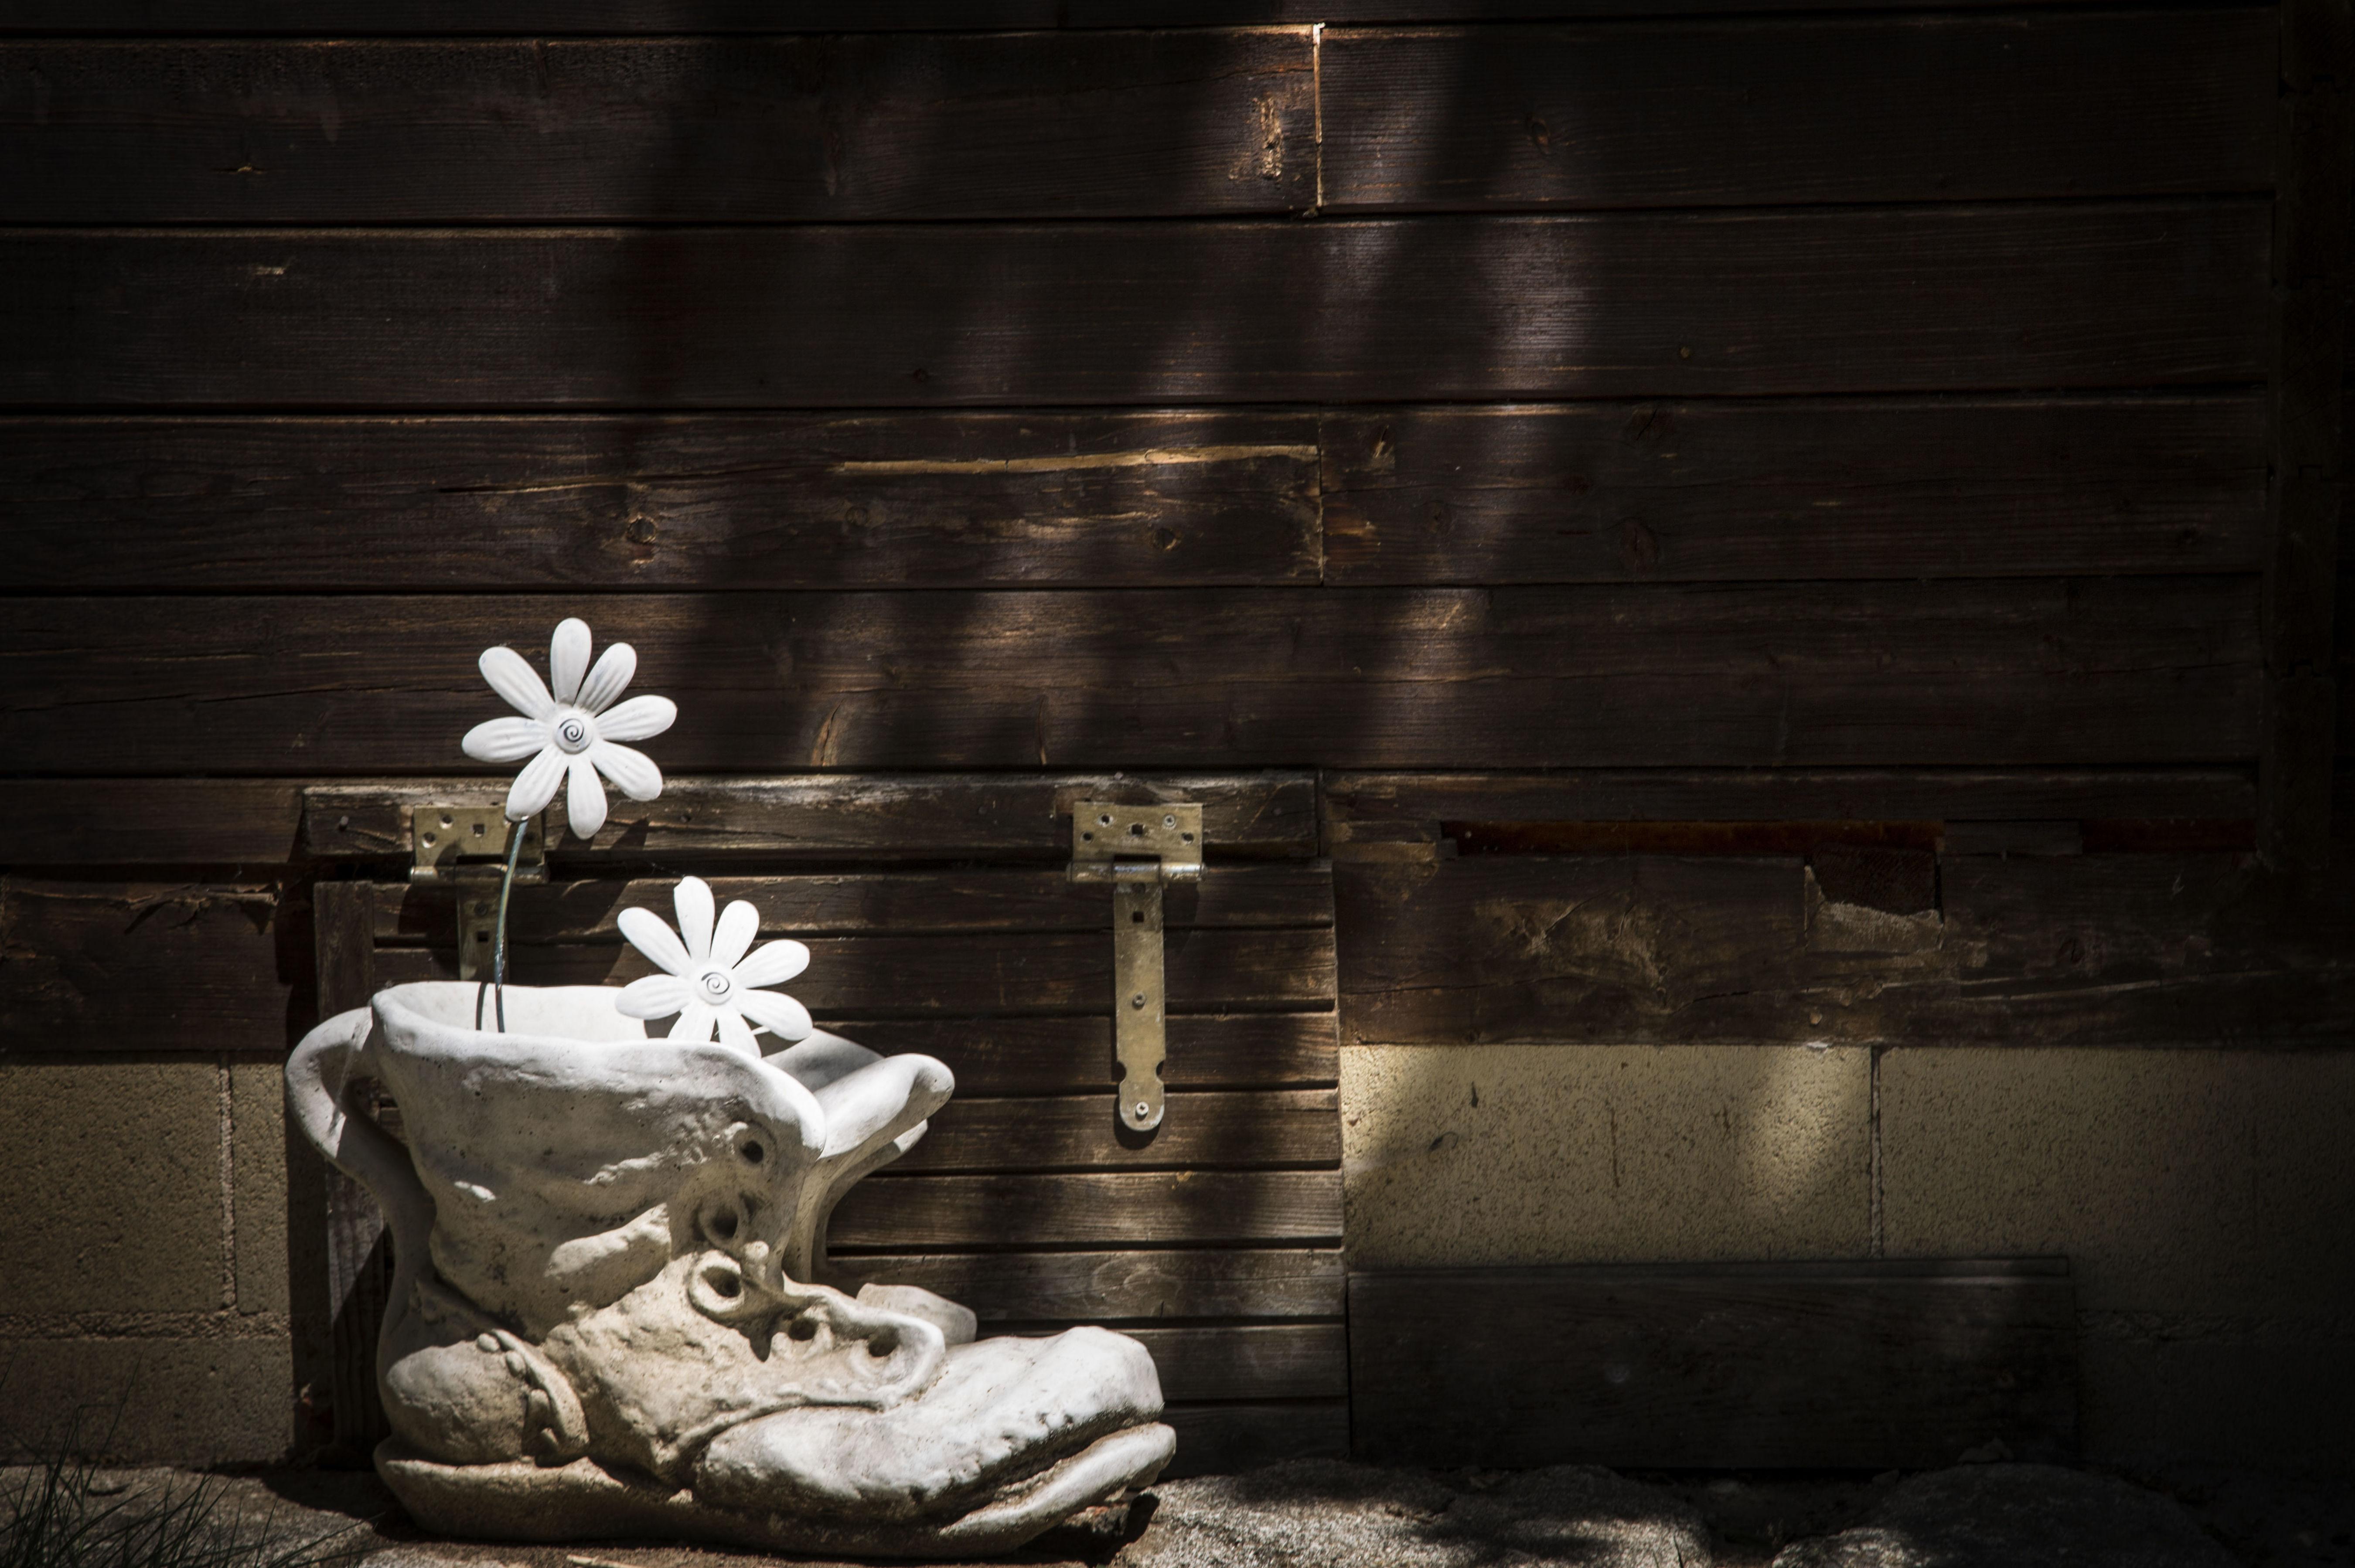 Foto 3 de Camping en Cabrerizos | Camping Don Quijote